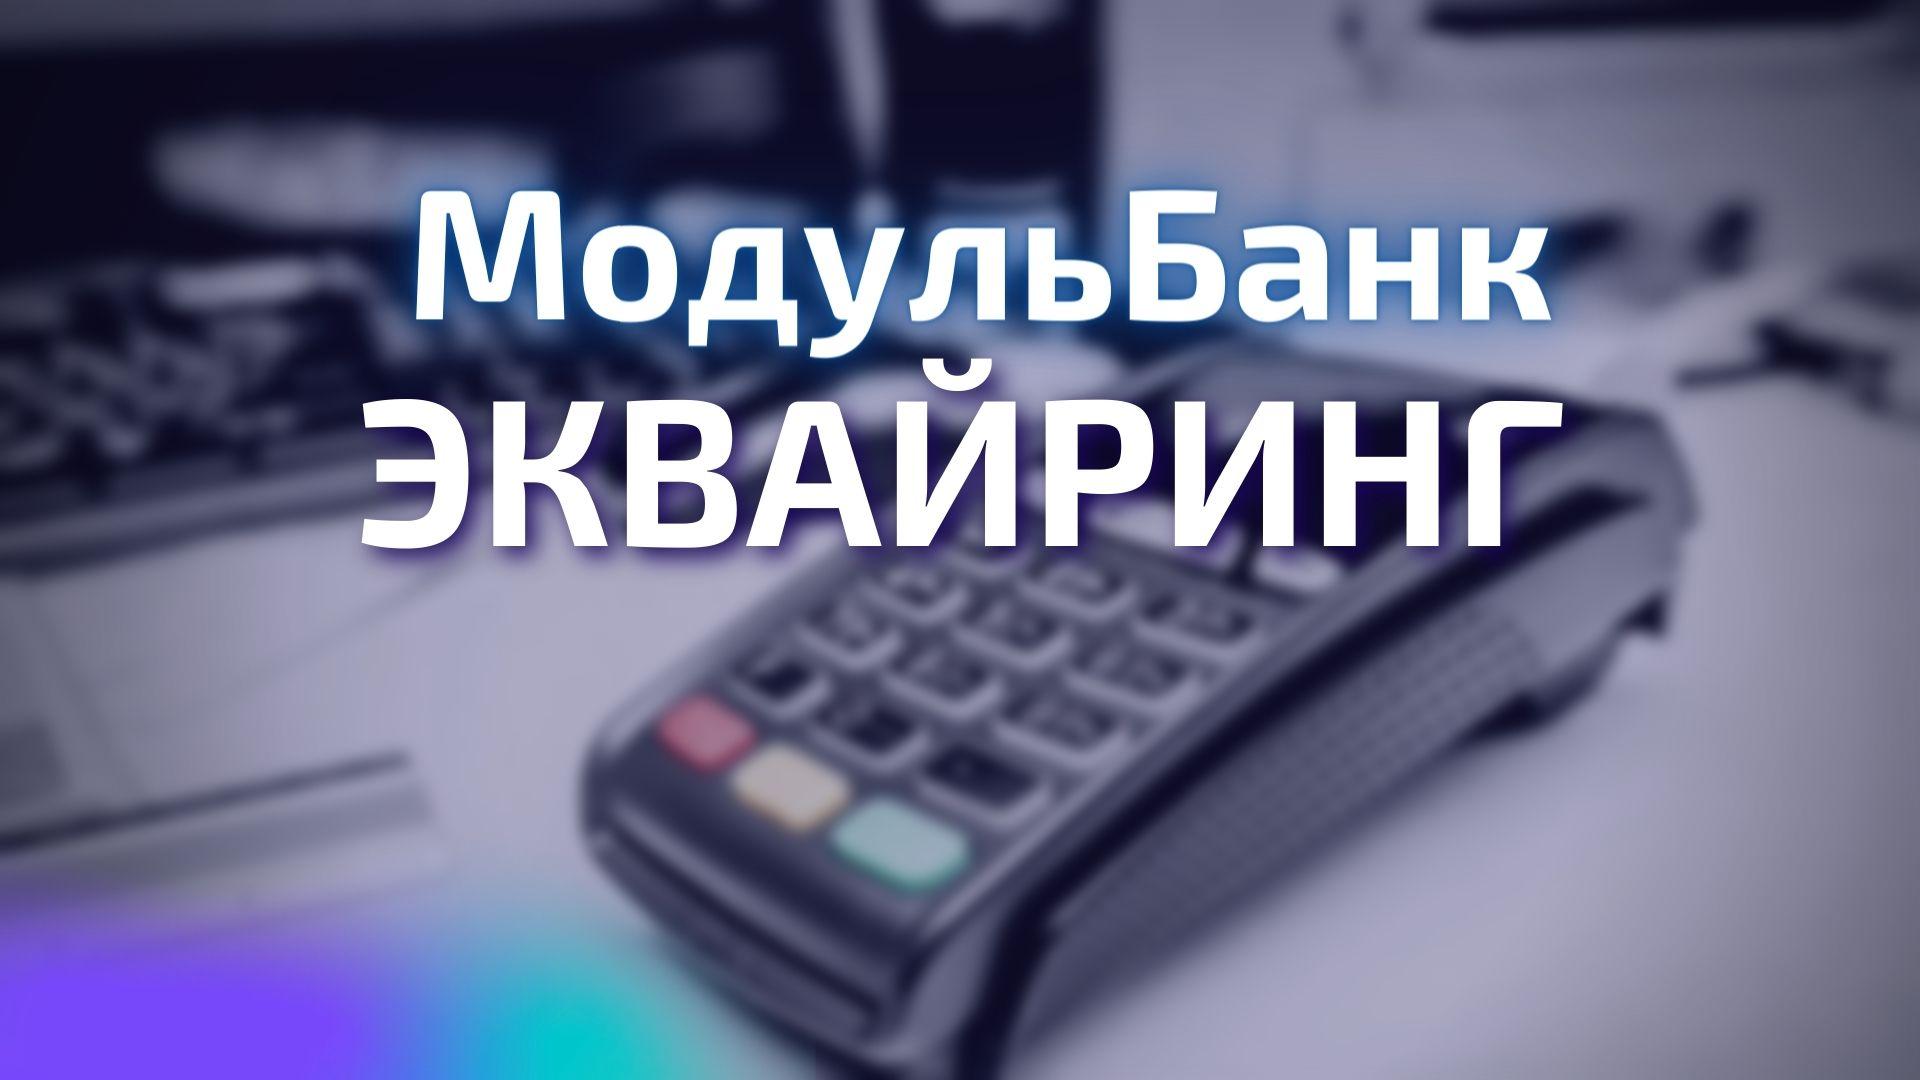 Эквайринг в Модуль банке. Тарифы для ИП и ООО